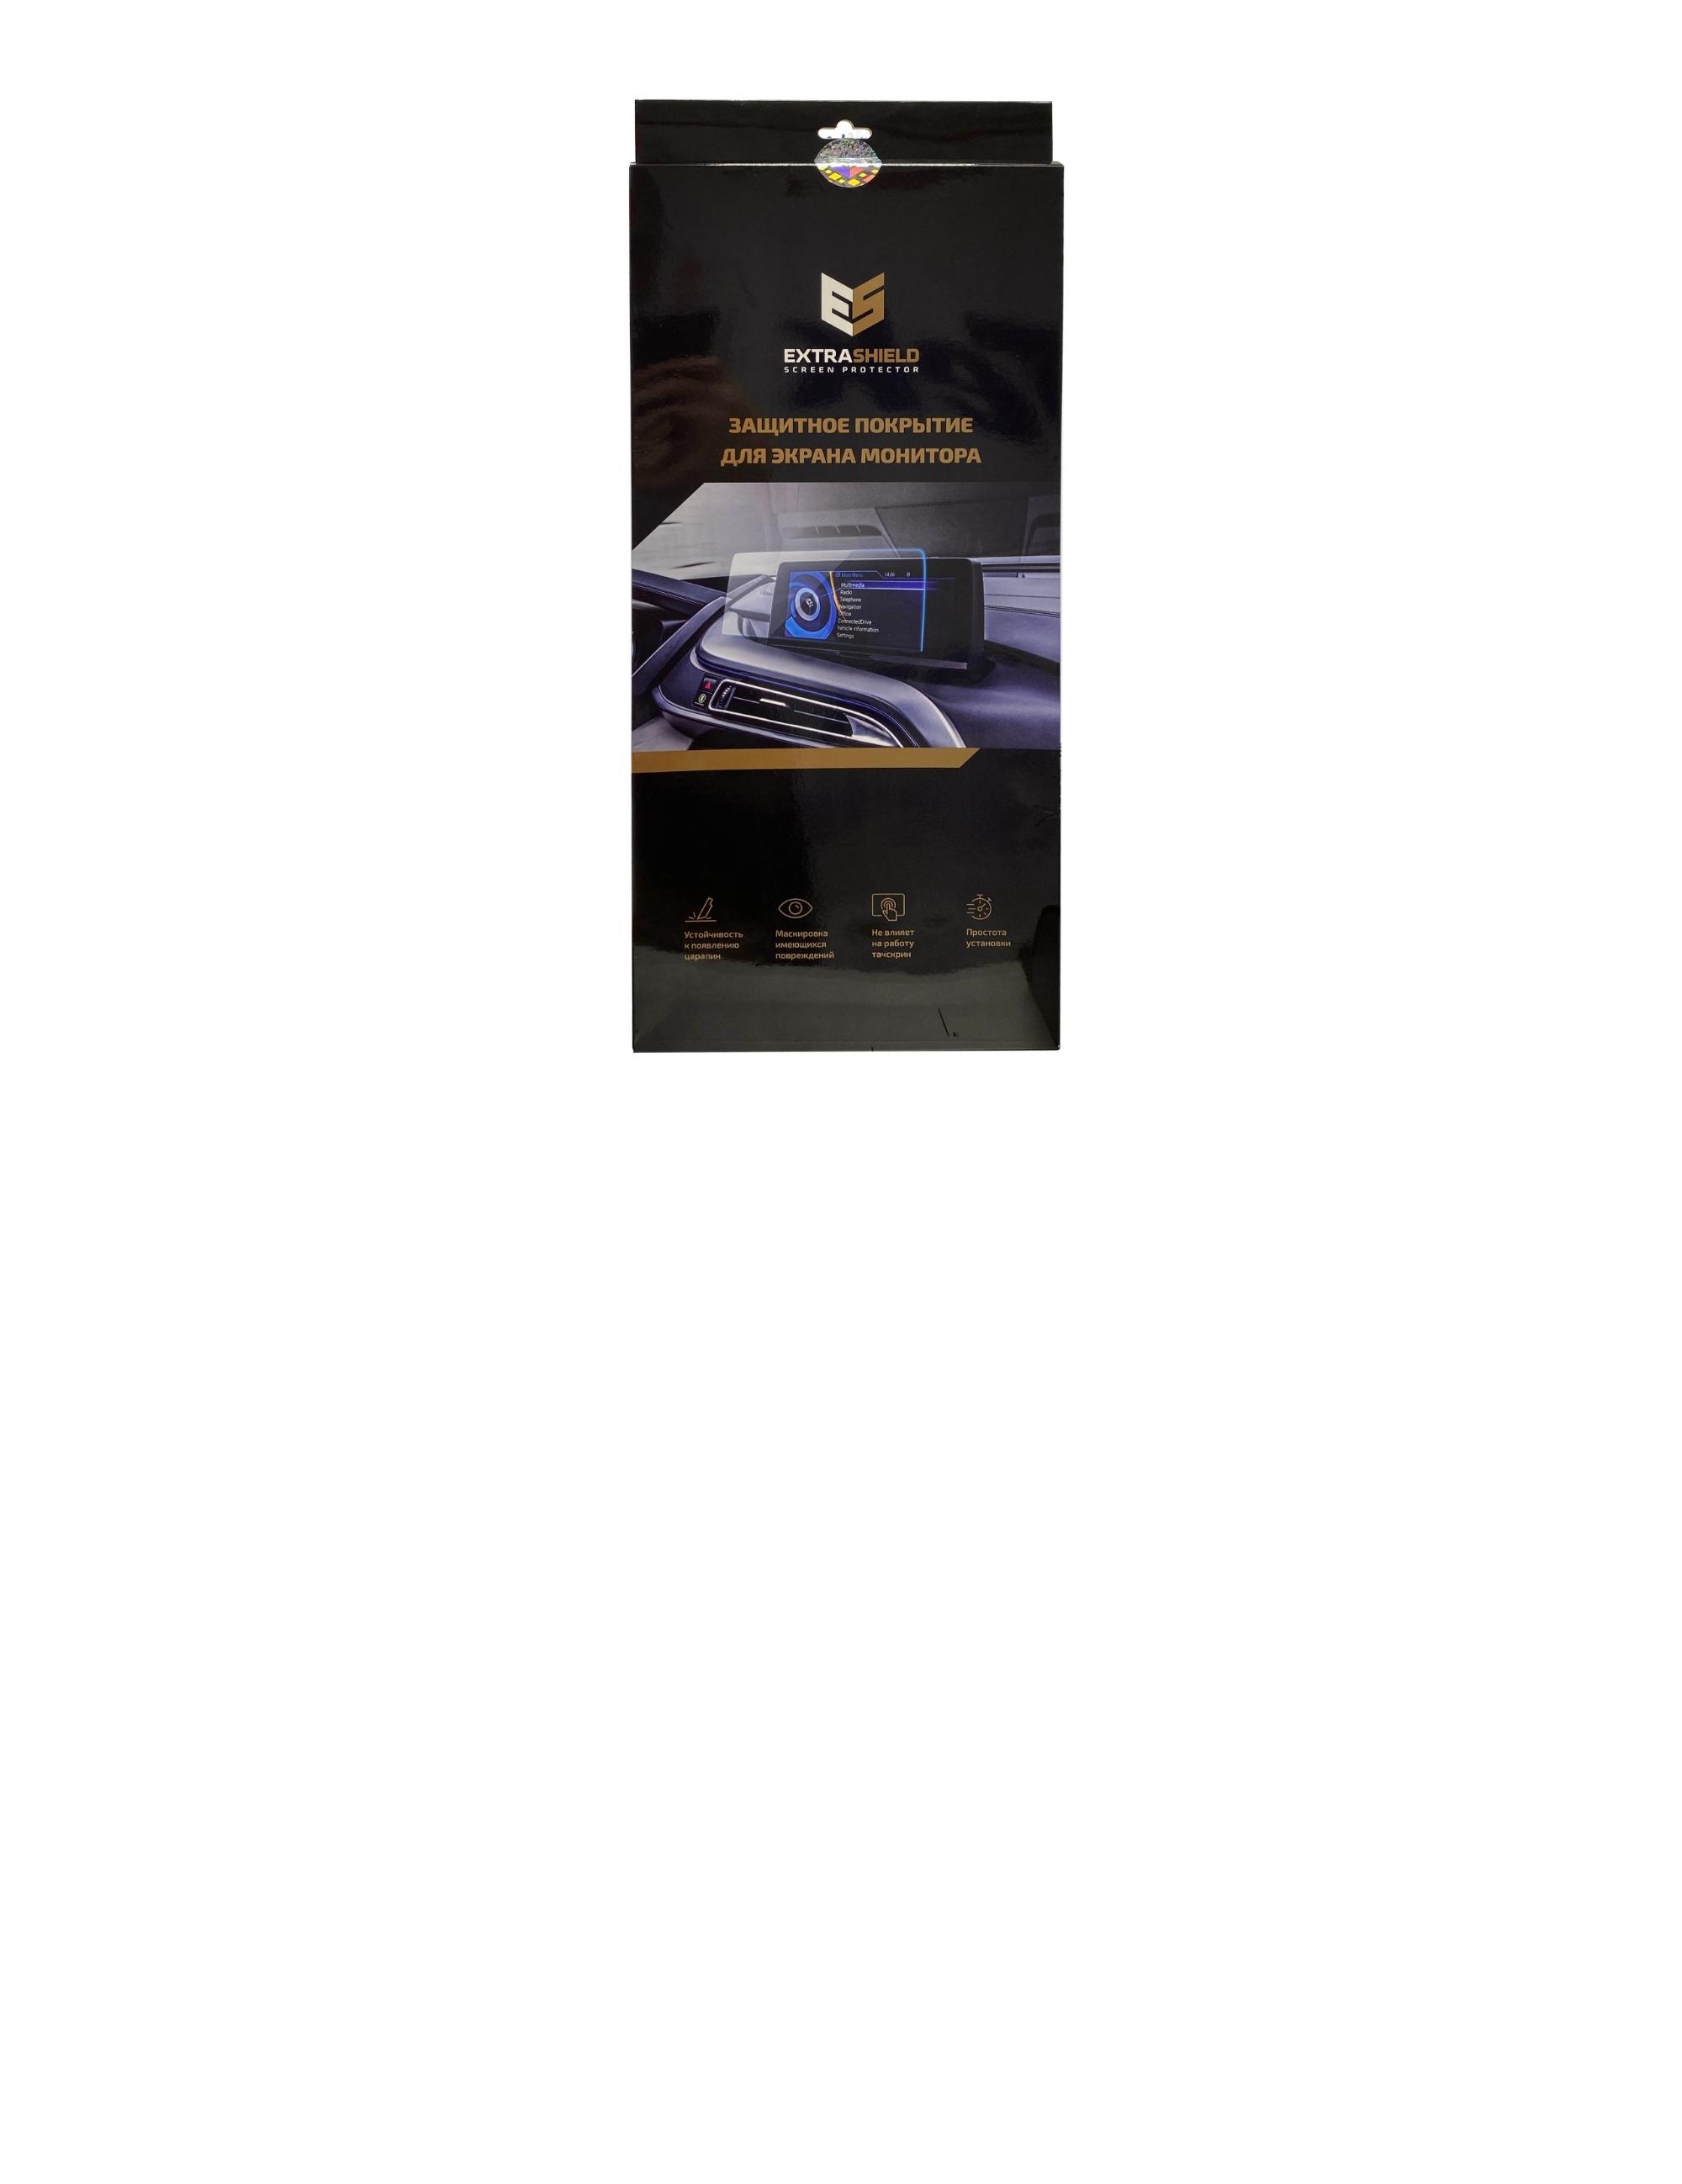 BMW X5 (G05) 2018 - н.в. мультимедиа 12.3 Защитное стекло Глянец